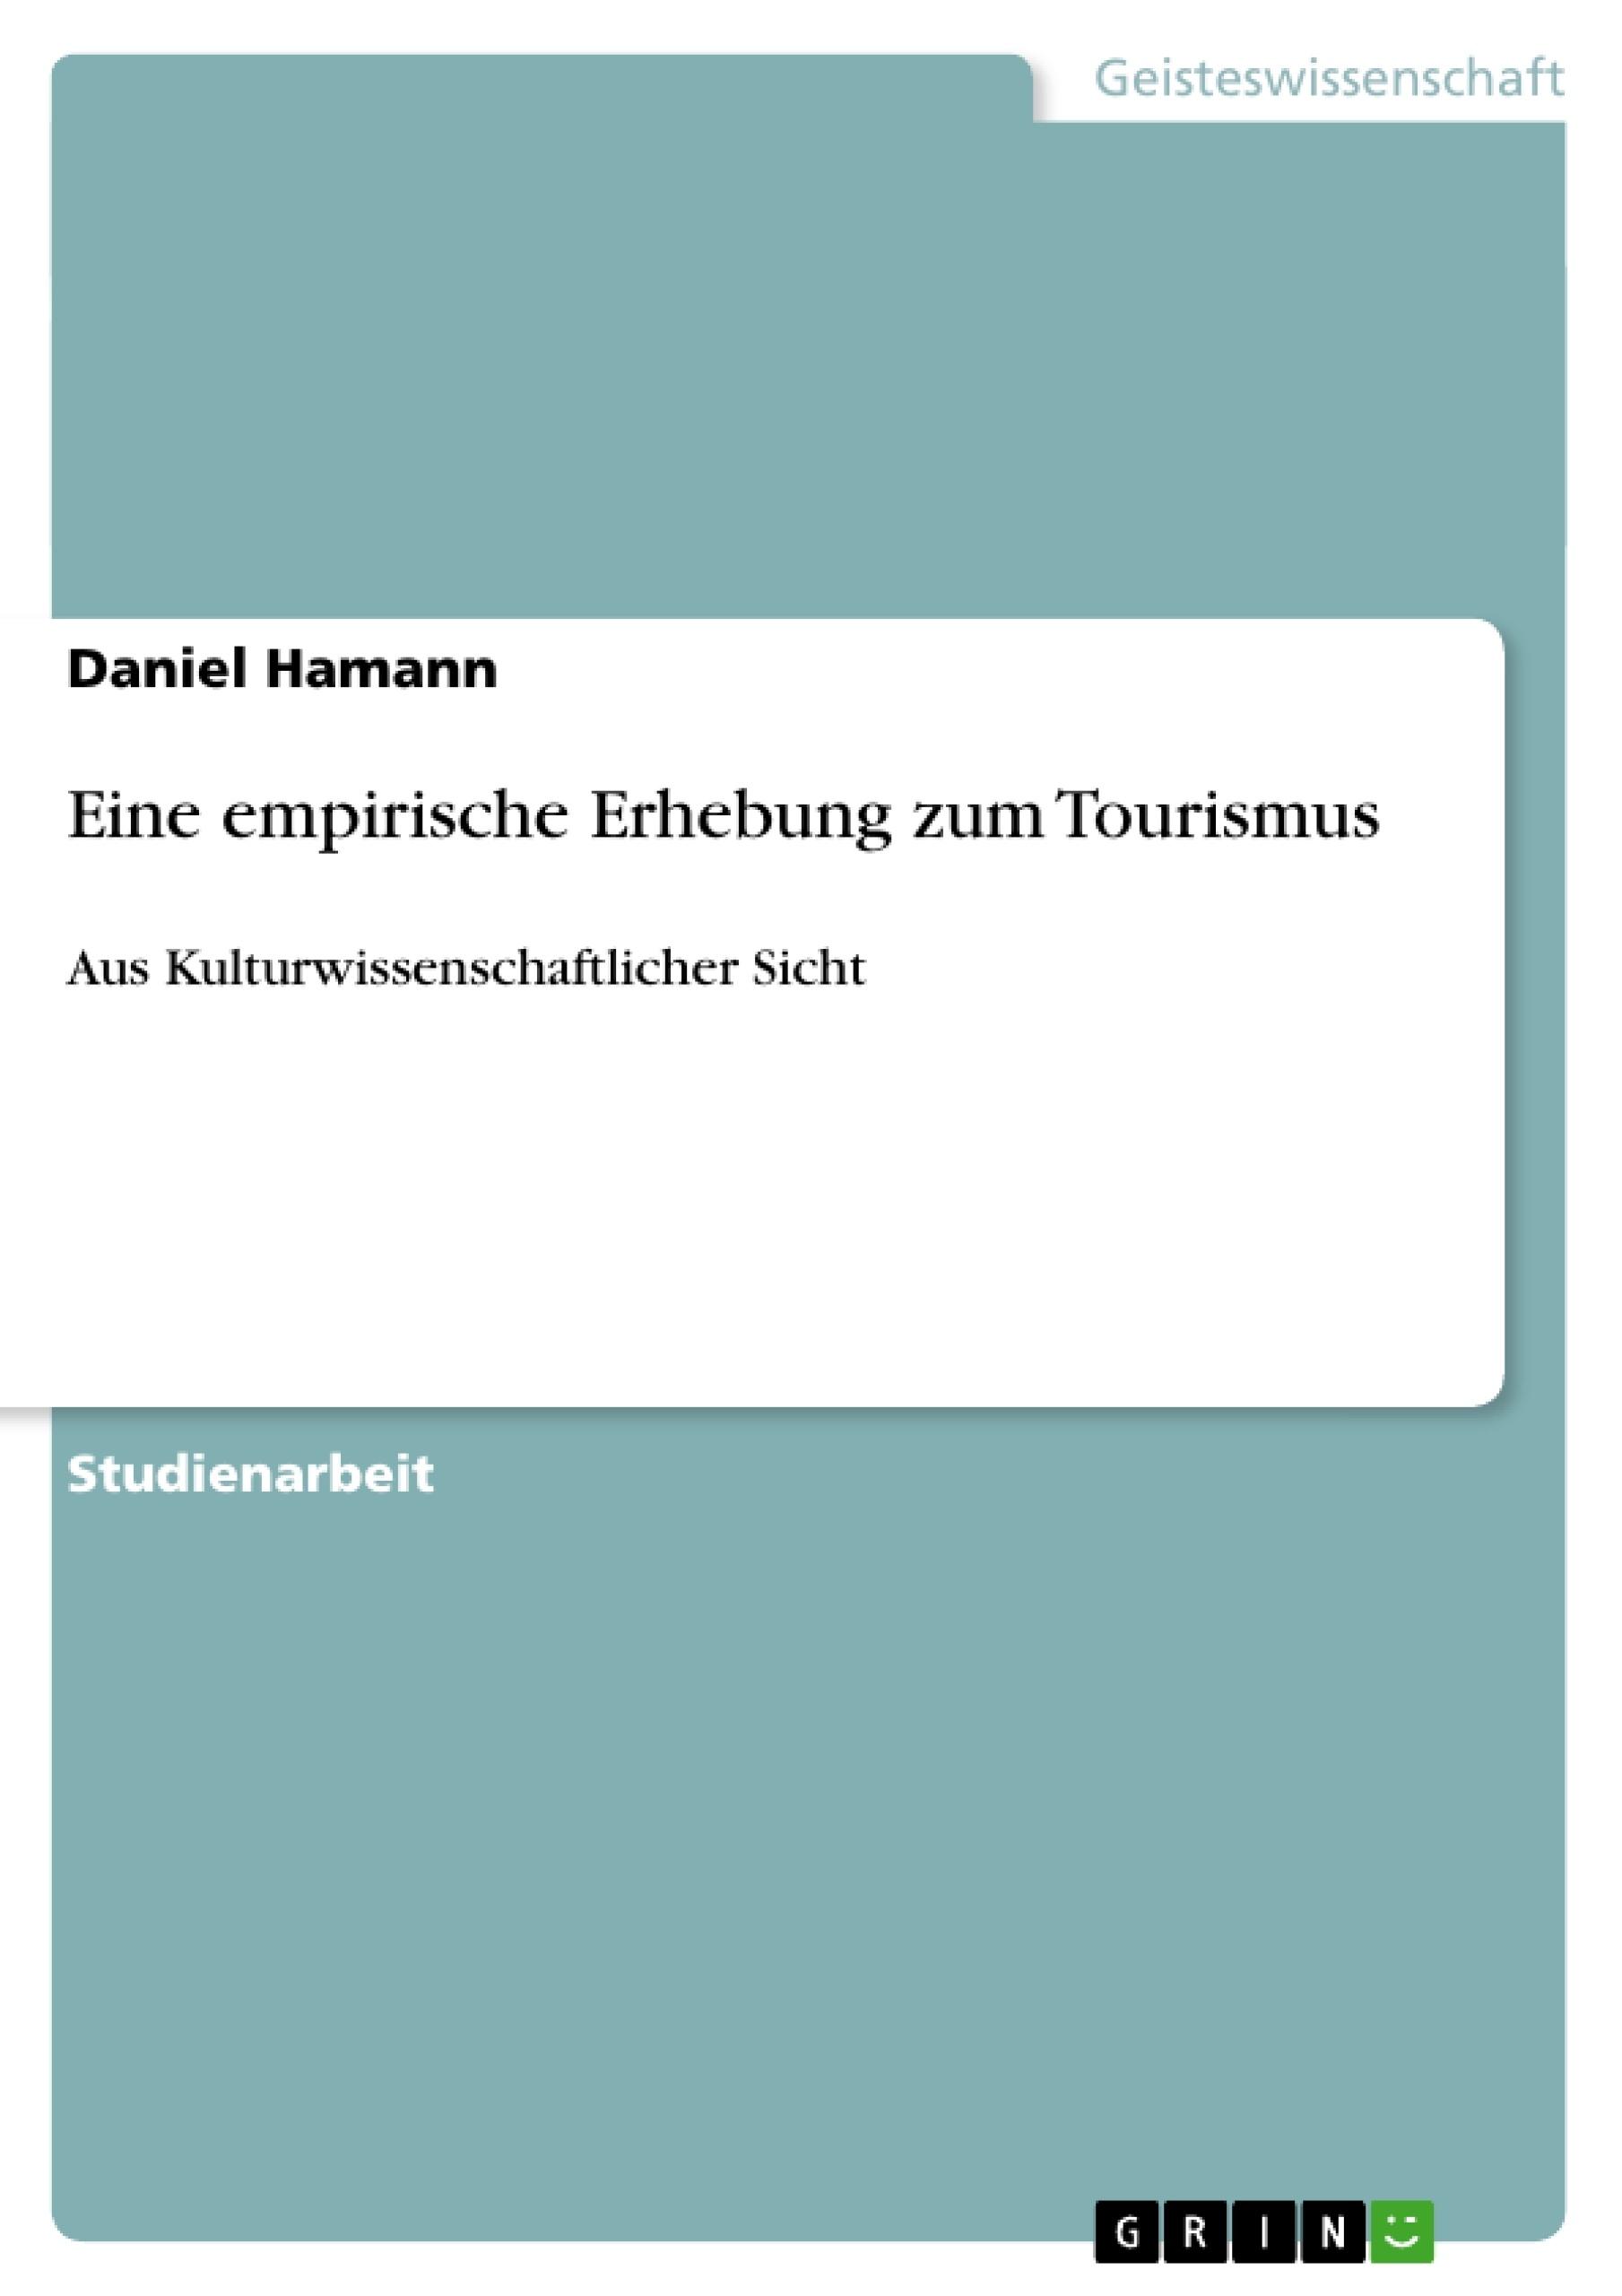 Titel: Eine empirische Erhebung zum Tourismus